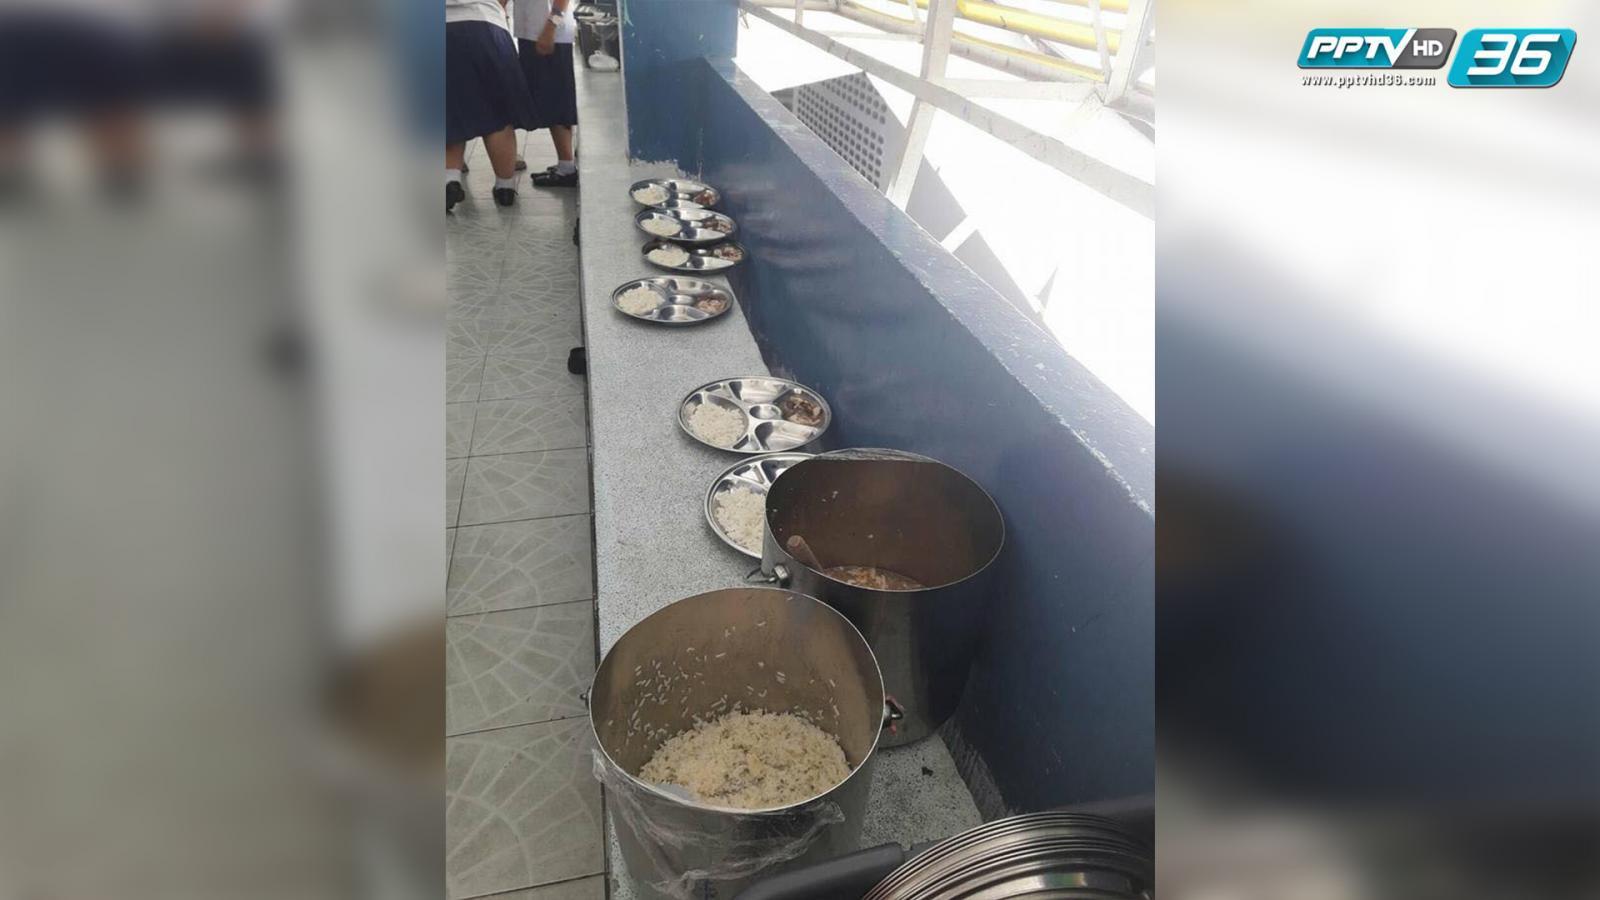 ผอ.โรงเรียนขอโทษ อาหารกลางวันบูด ร้านค้าอ้างบูดเพราะเดินทาง 10 กิโลฯ